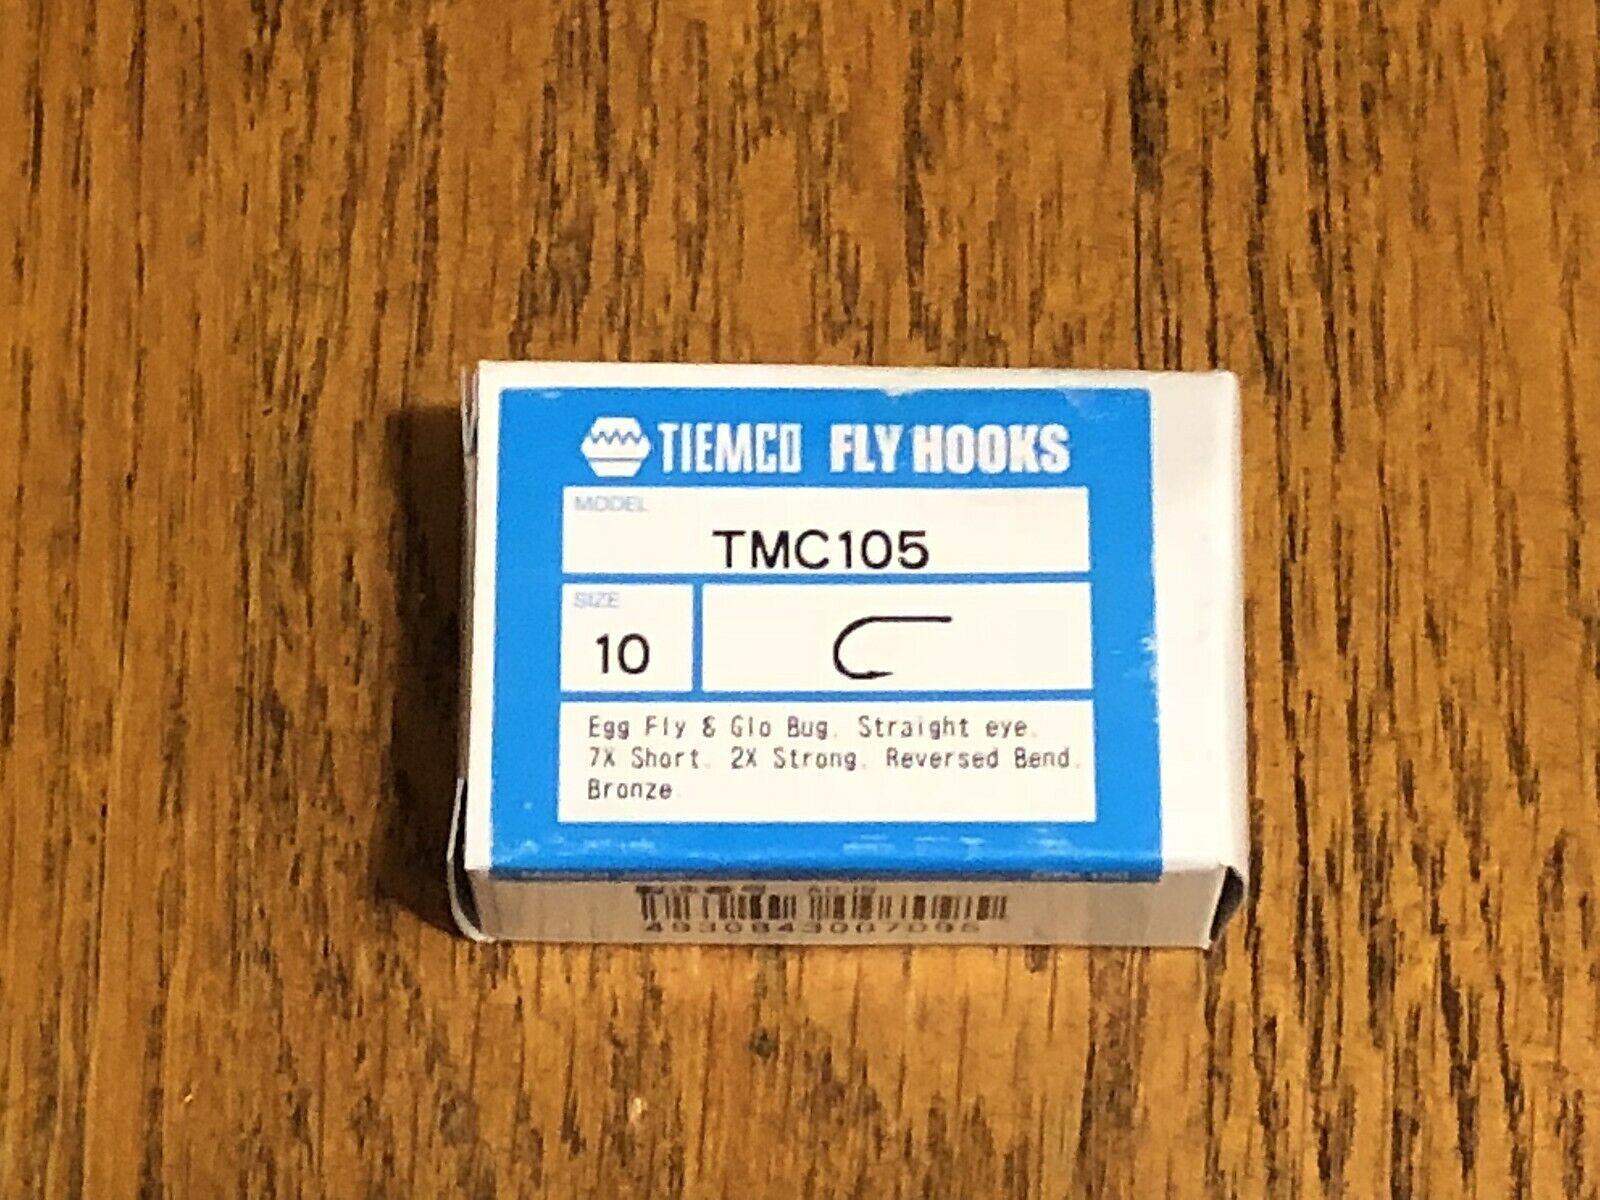 100 Tiemco Egg Fly Tying Hooks, TMC 105 Size 10